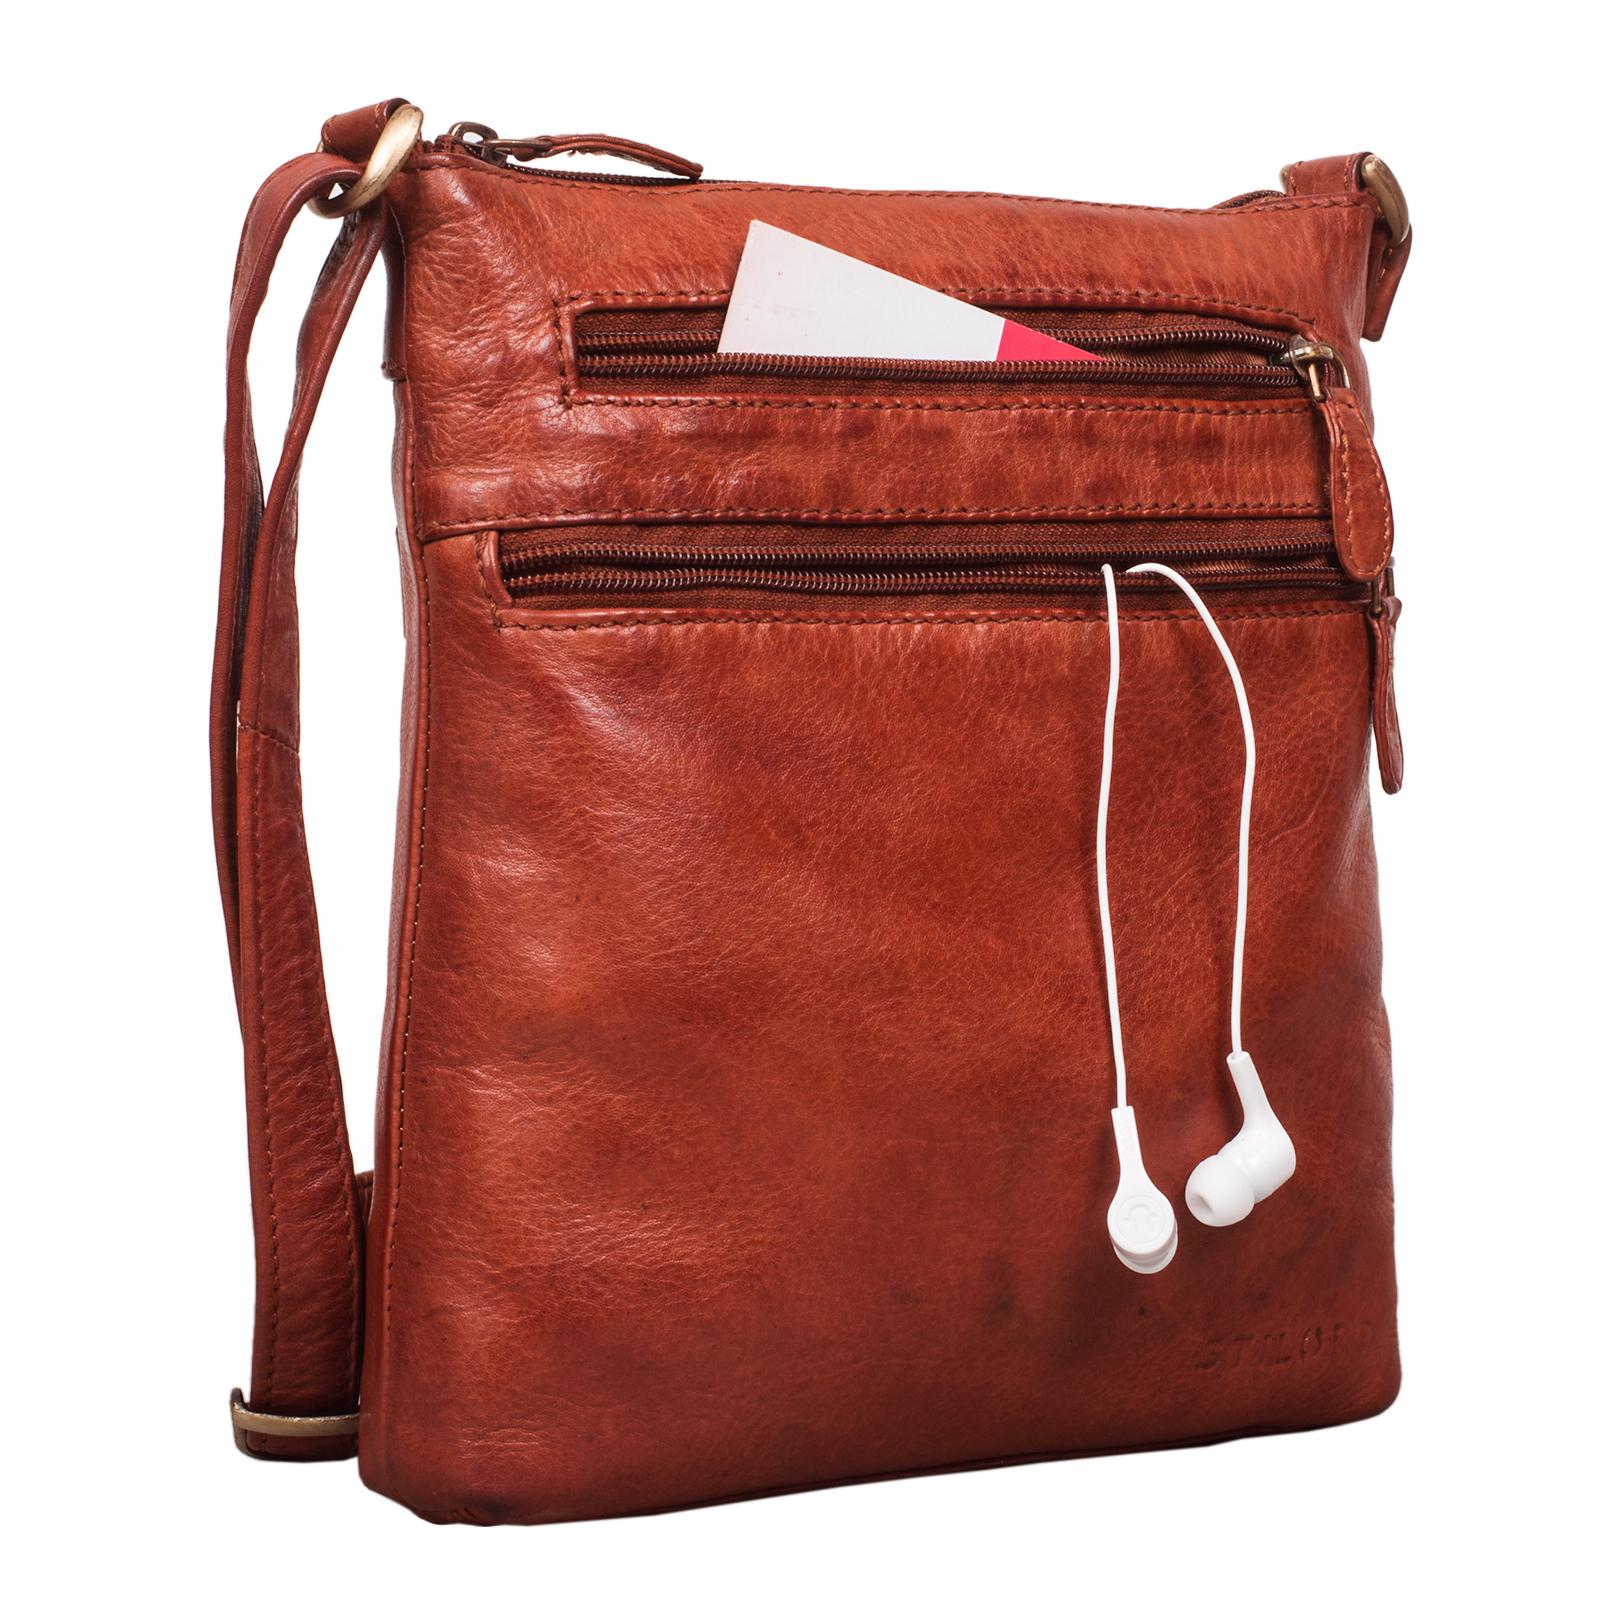 """STILORD """"Juna"""" Damen Umhängetasche Leder braun Handtasche kleine Schultertasche Vintage Damentasche Ausgehtasche für Freizeit Party 9,7 Zoll Tablet iPad Echtleder - Bild 6"""